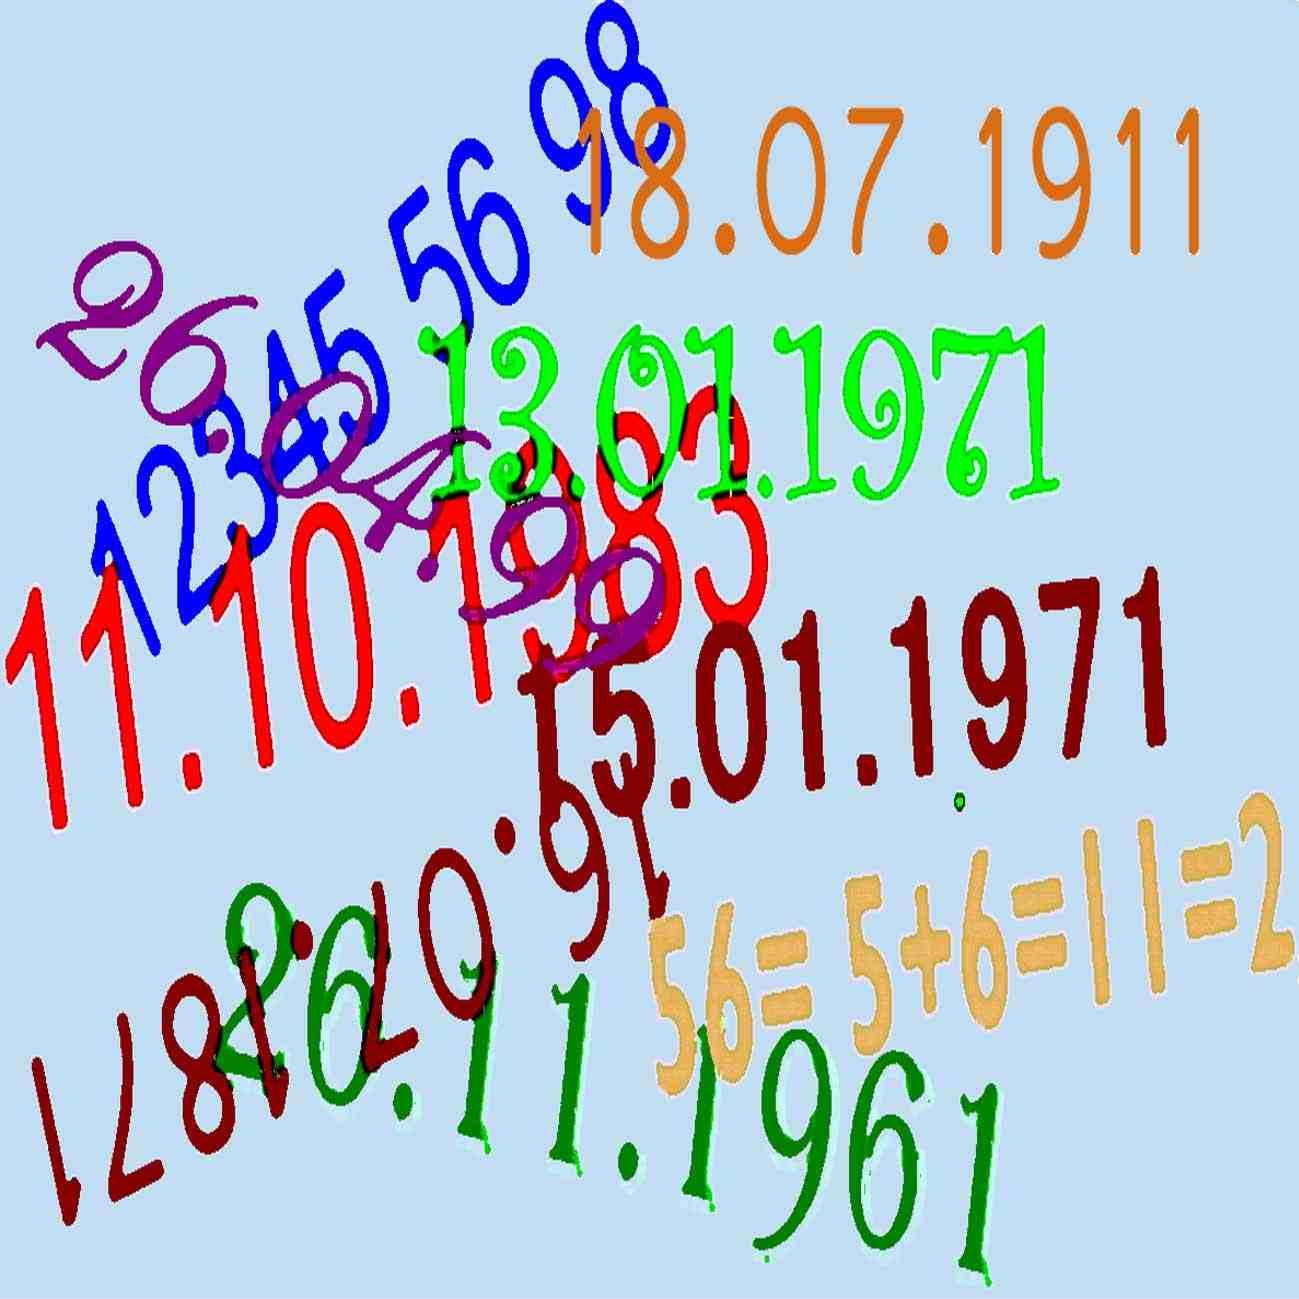 αριθμολογικό συμπαίκτη